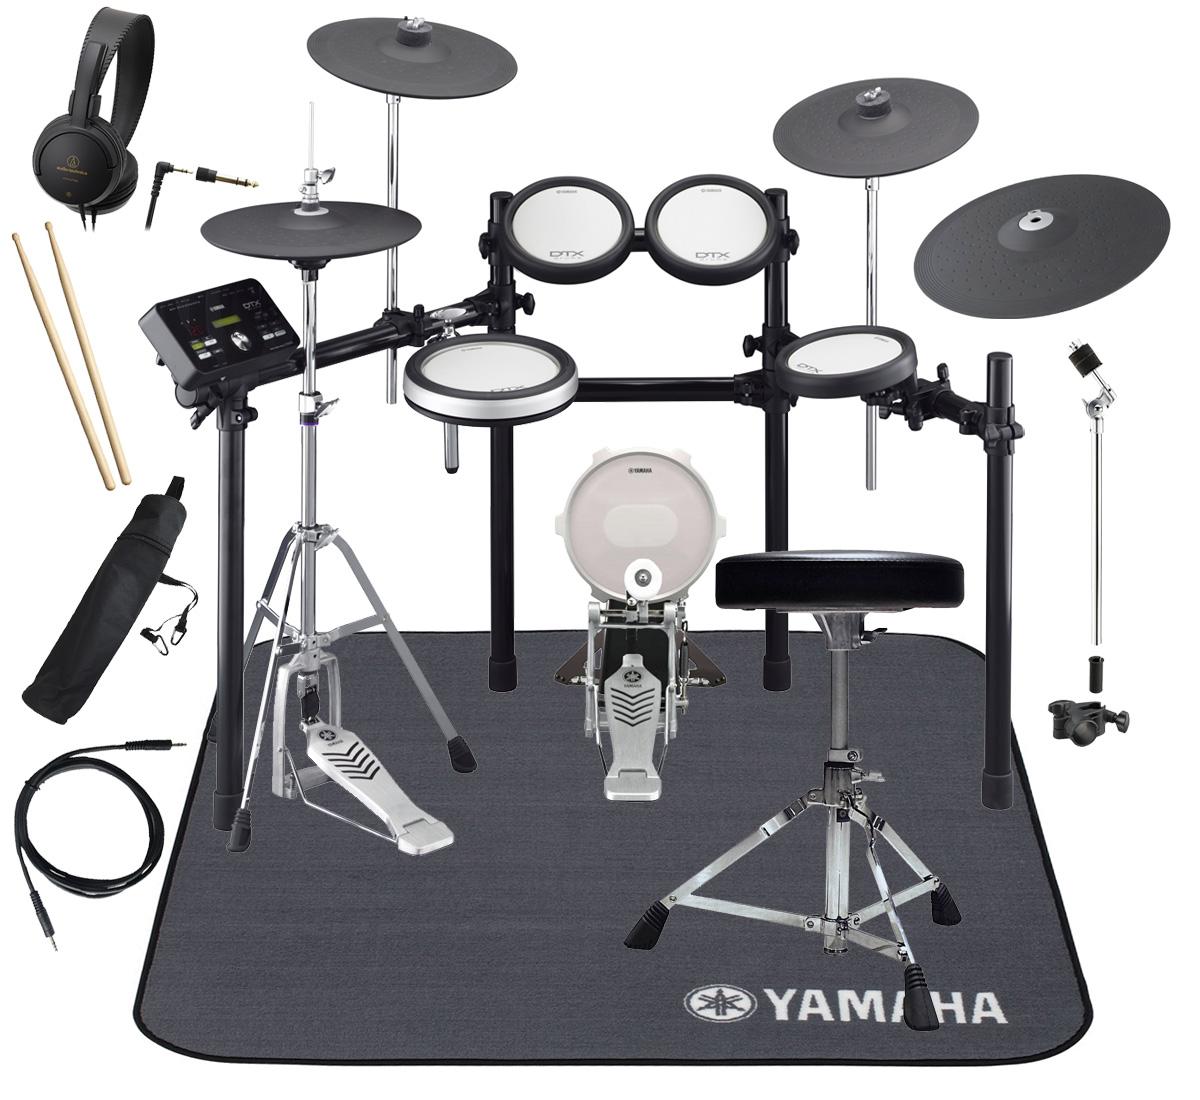 YAMAHA 電子ドラム DTX582KFS 3シンバル/PCY155増設 ドラムマットDM1314付き スターターパック【YRK】